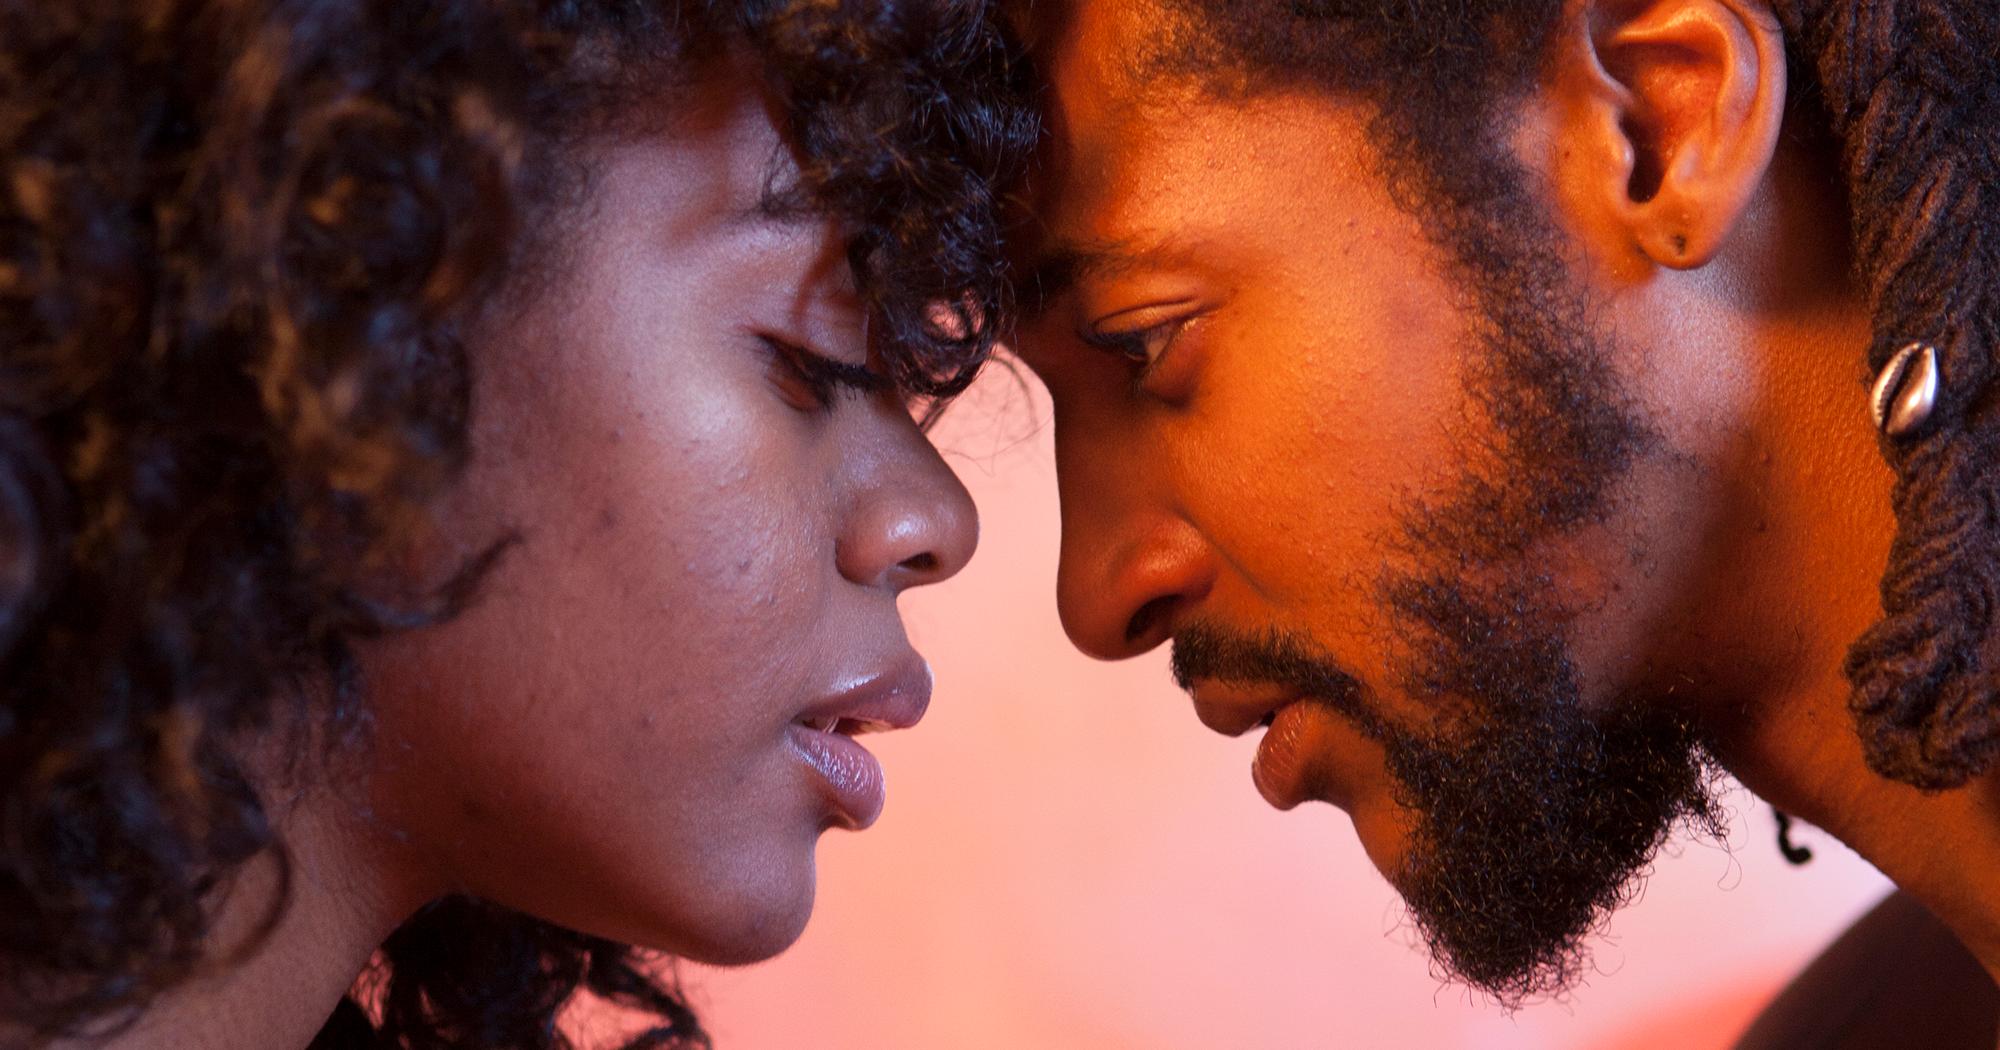 Leitfaden für die Liebe: 36 Fragen zum Verlieben